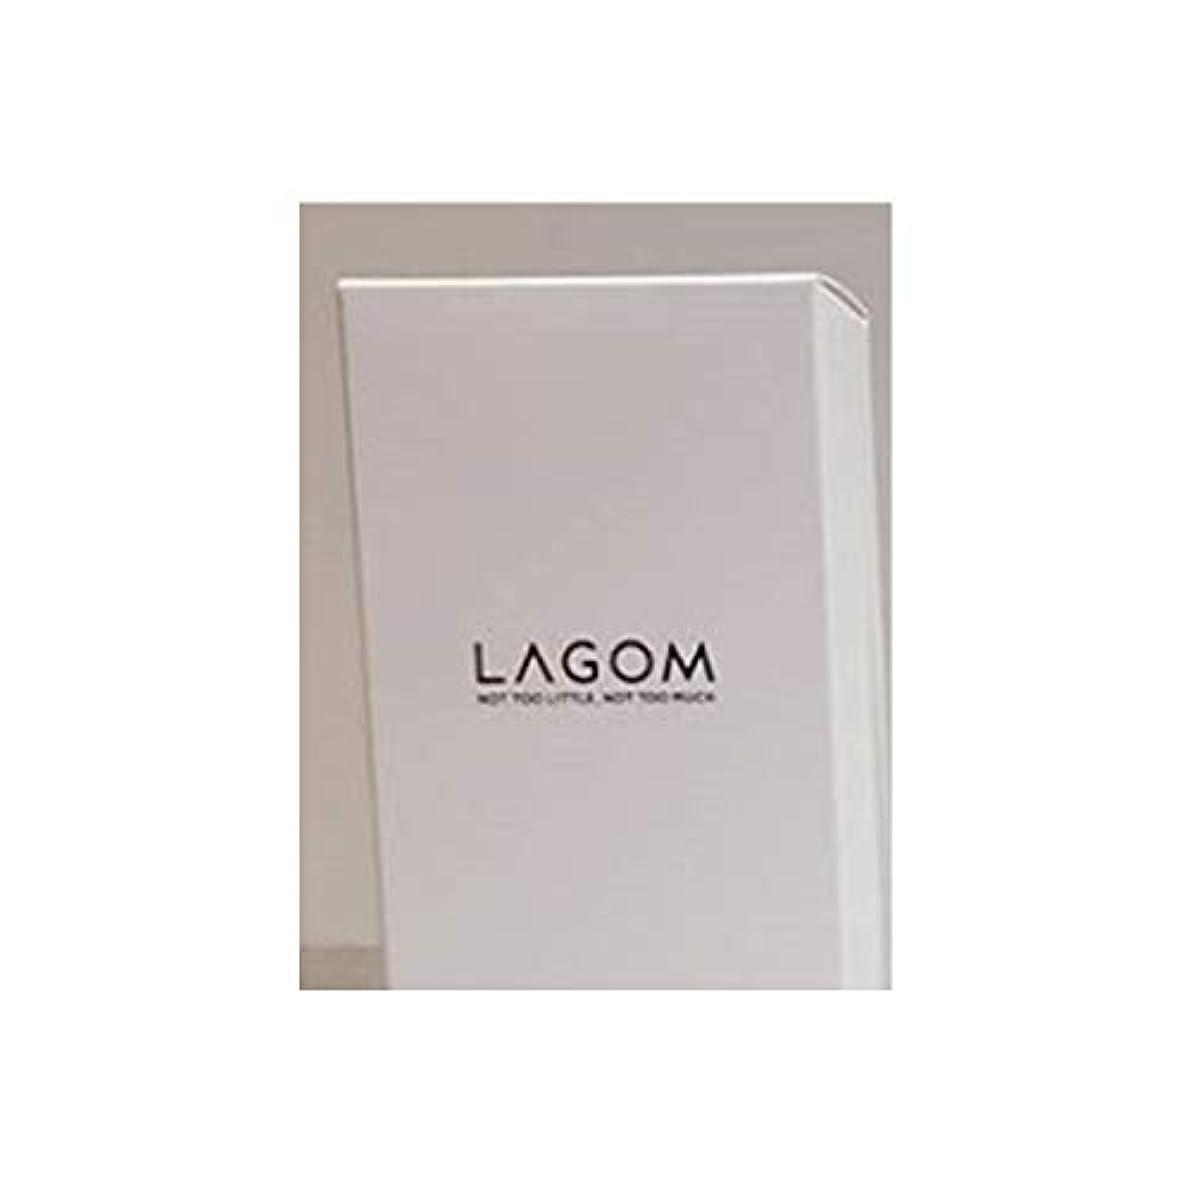 追い出す証明書馬鹿ラゴムセレブマイクロフォームクレンザー150ml韓国コスメ、Lagom Cellup Micro Foam Cleanser 150ml Korean Cosmetics [並行輸入品]